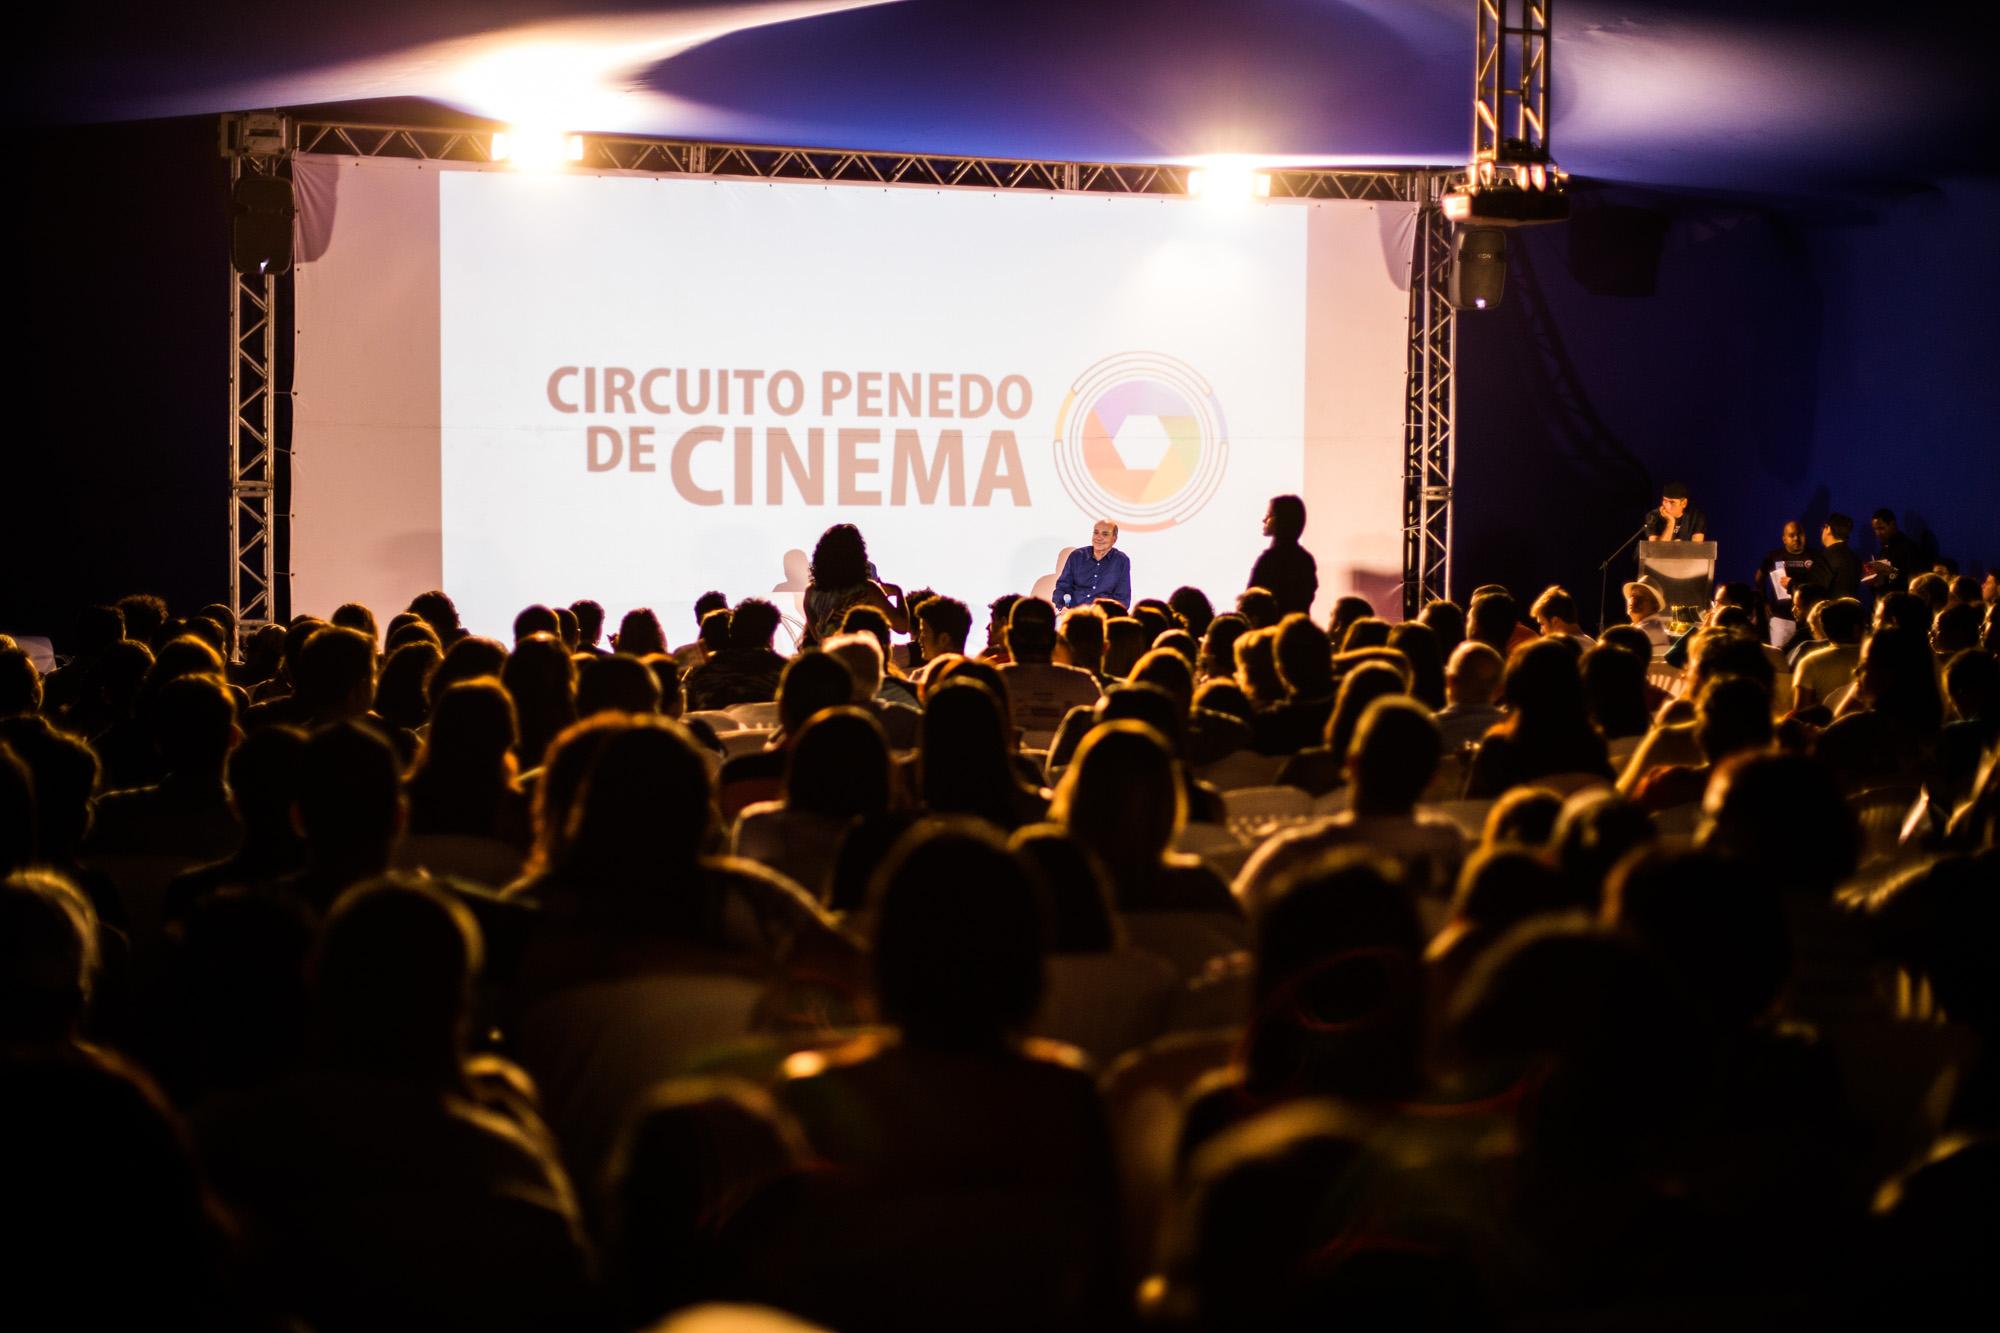 7º ENCONTRO DE CINEMA ALAGOANO <br/> |Apresentação de trabalhos acadêmicos|